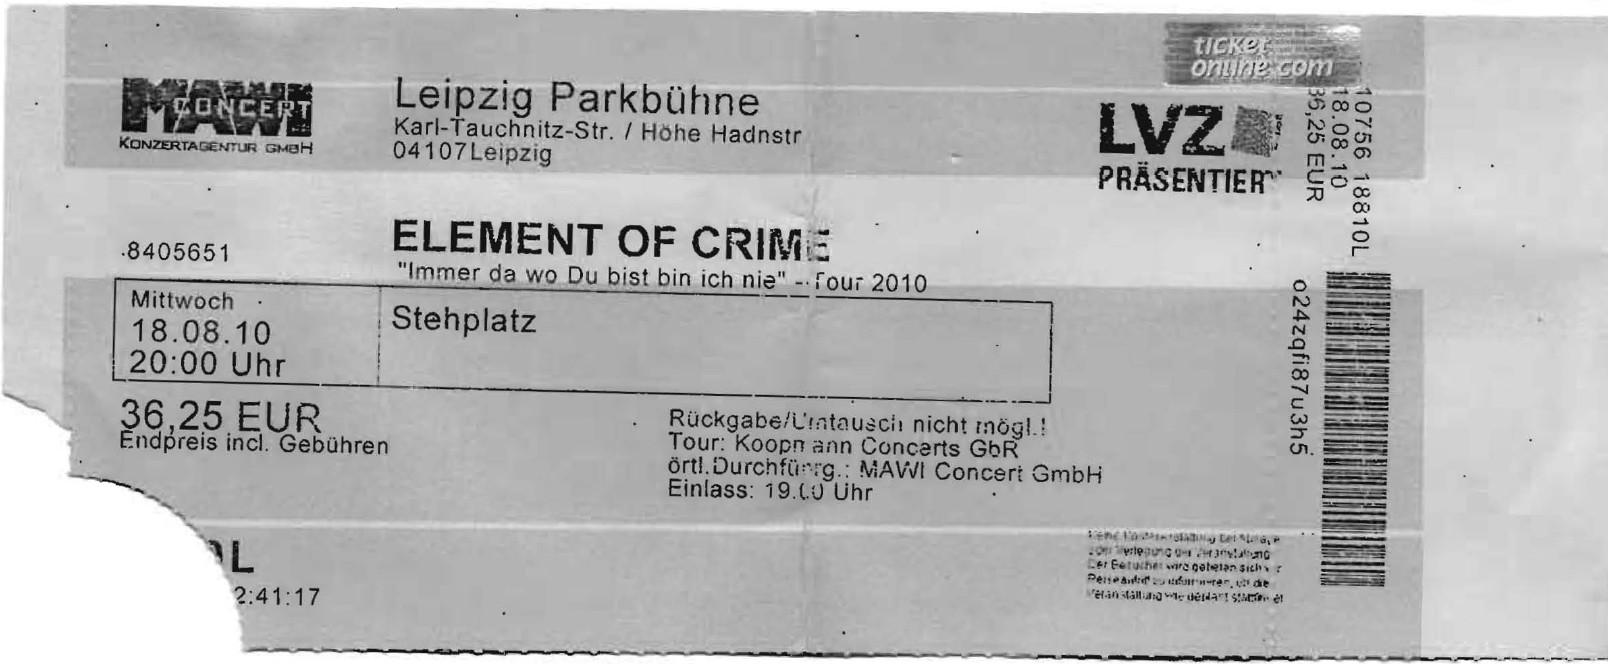 Elemet Of Crime - Parkbühne - Leipzig